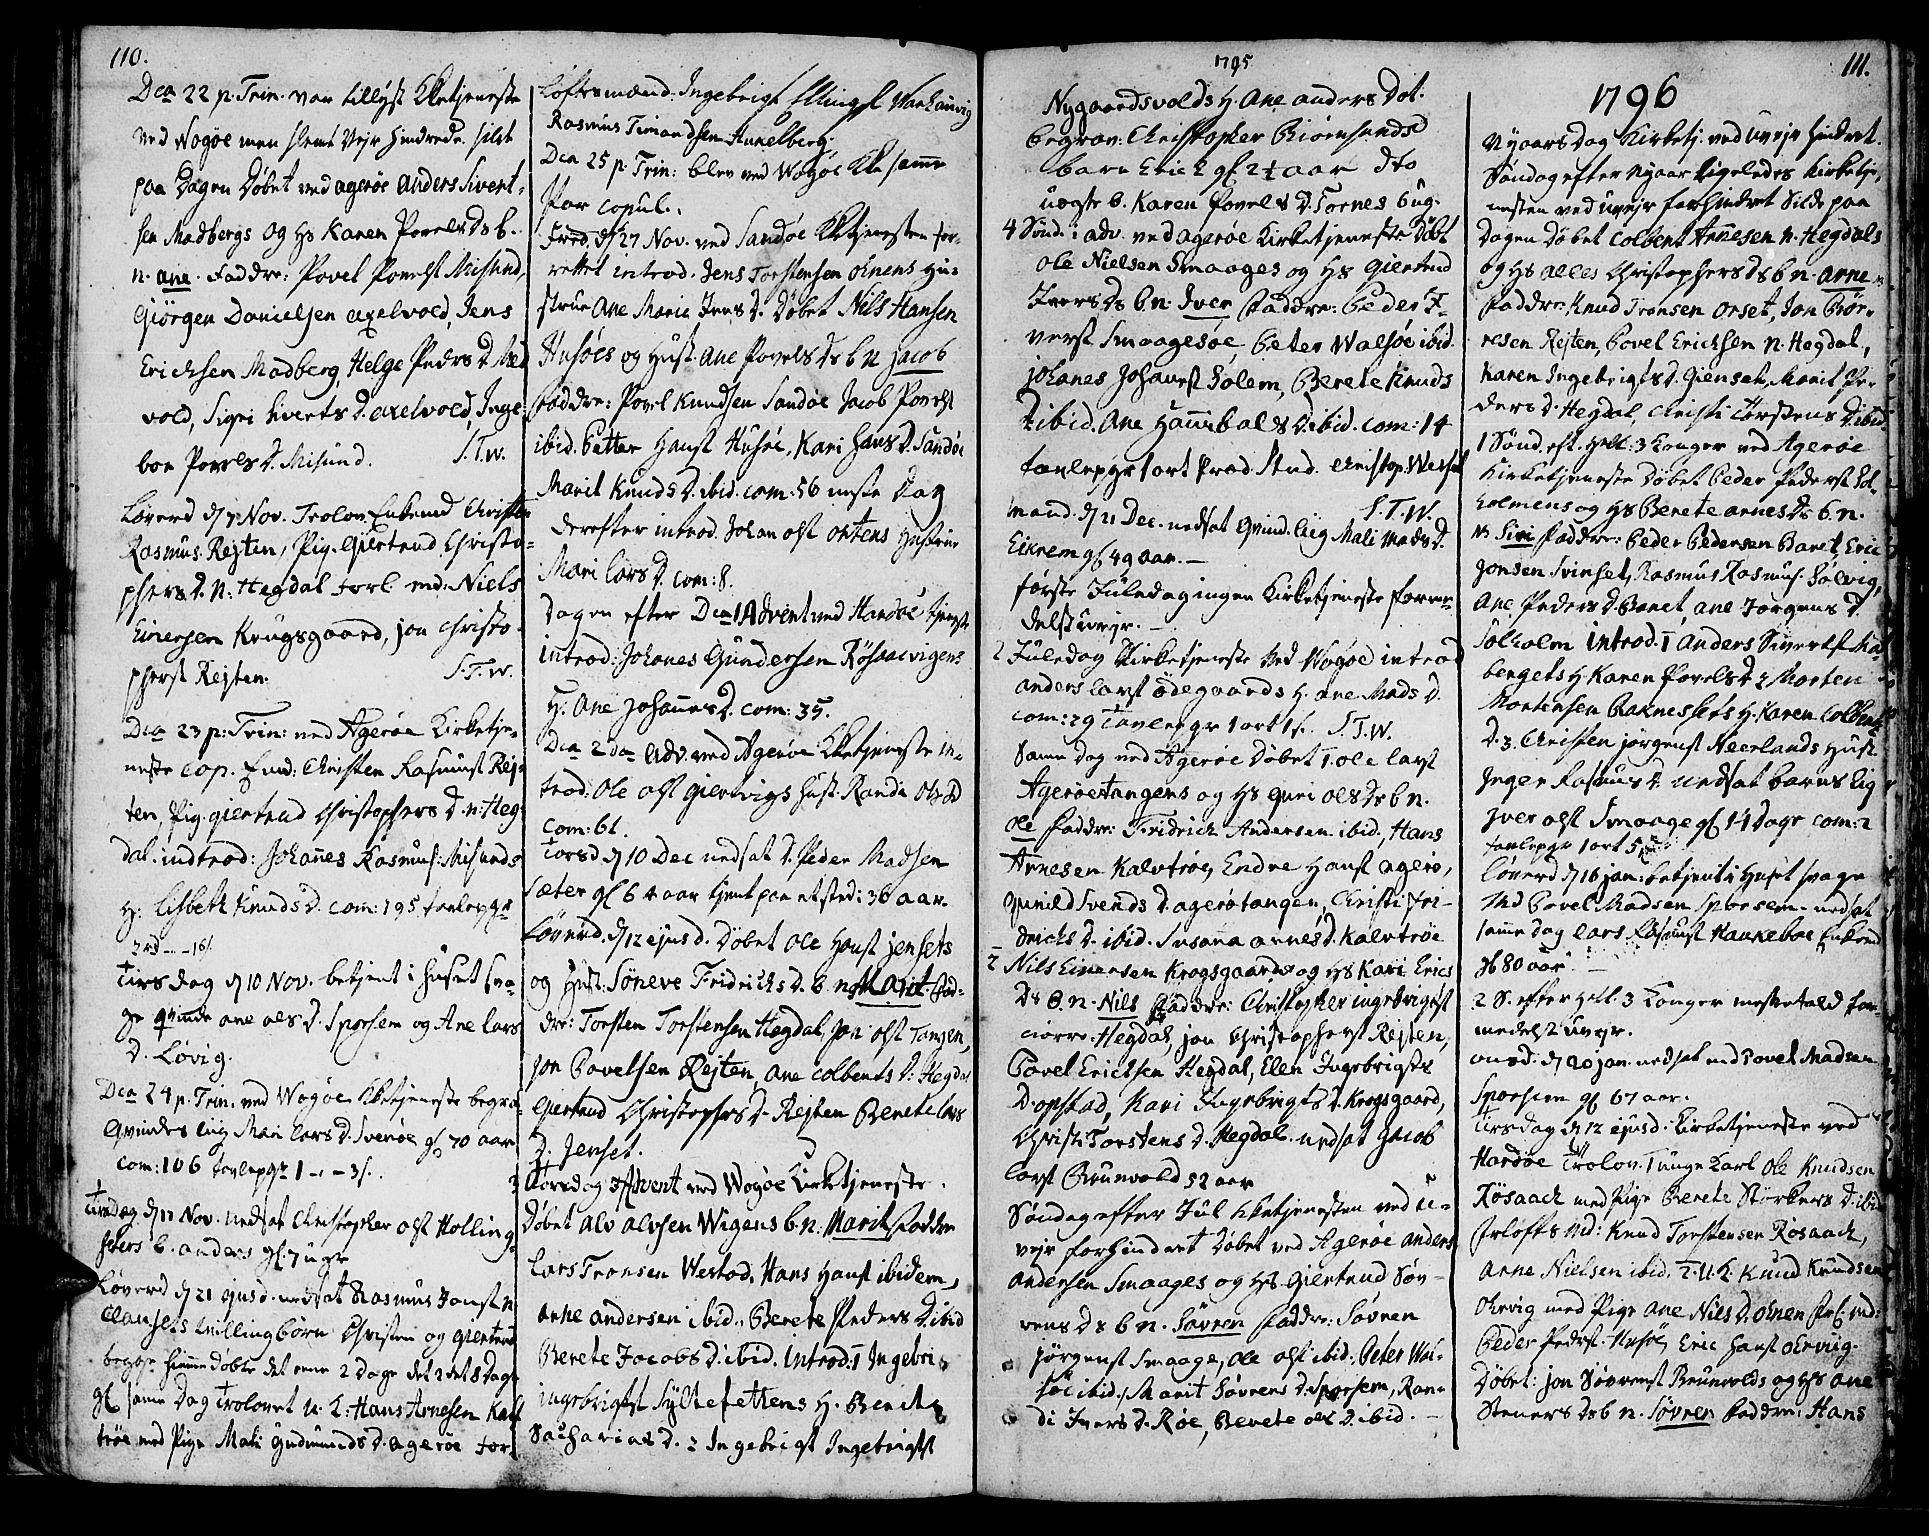 SAT, Ministerialprotokoller, klokkerbøker og fødselsregistre - Møre og Romsdal, 560/L0717: Ministerialbok nr. 560A01, 1785-1808, s. 110-111